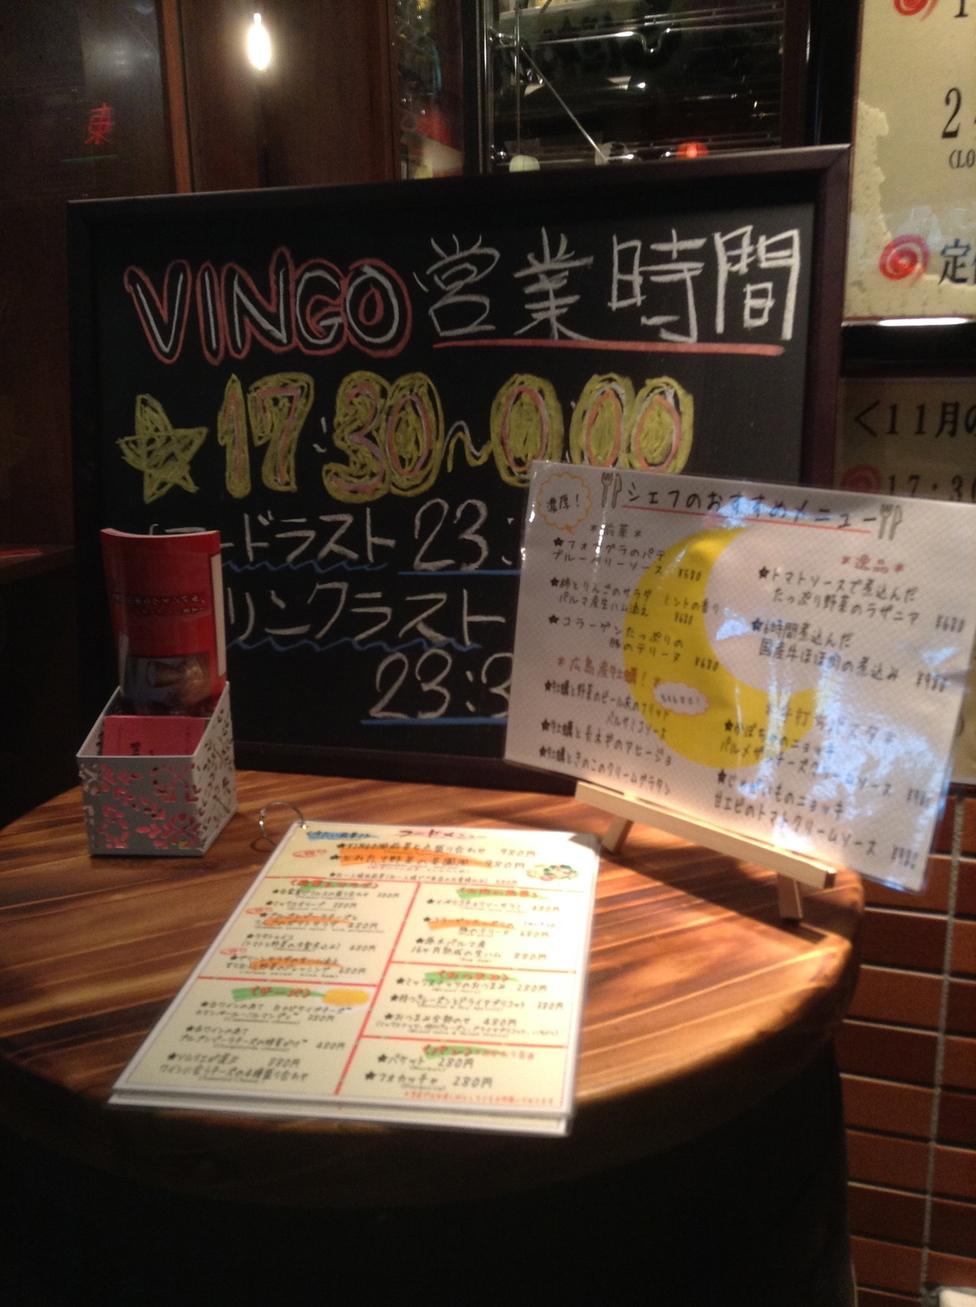 こだわりワイン酒場ヴィンゴ 小岩店